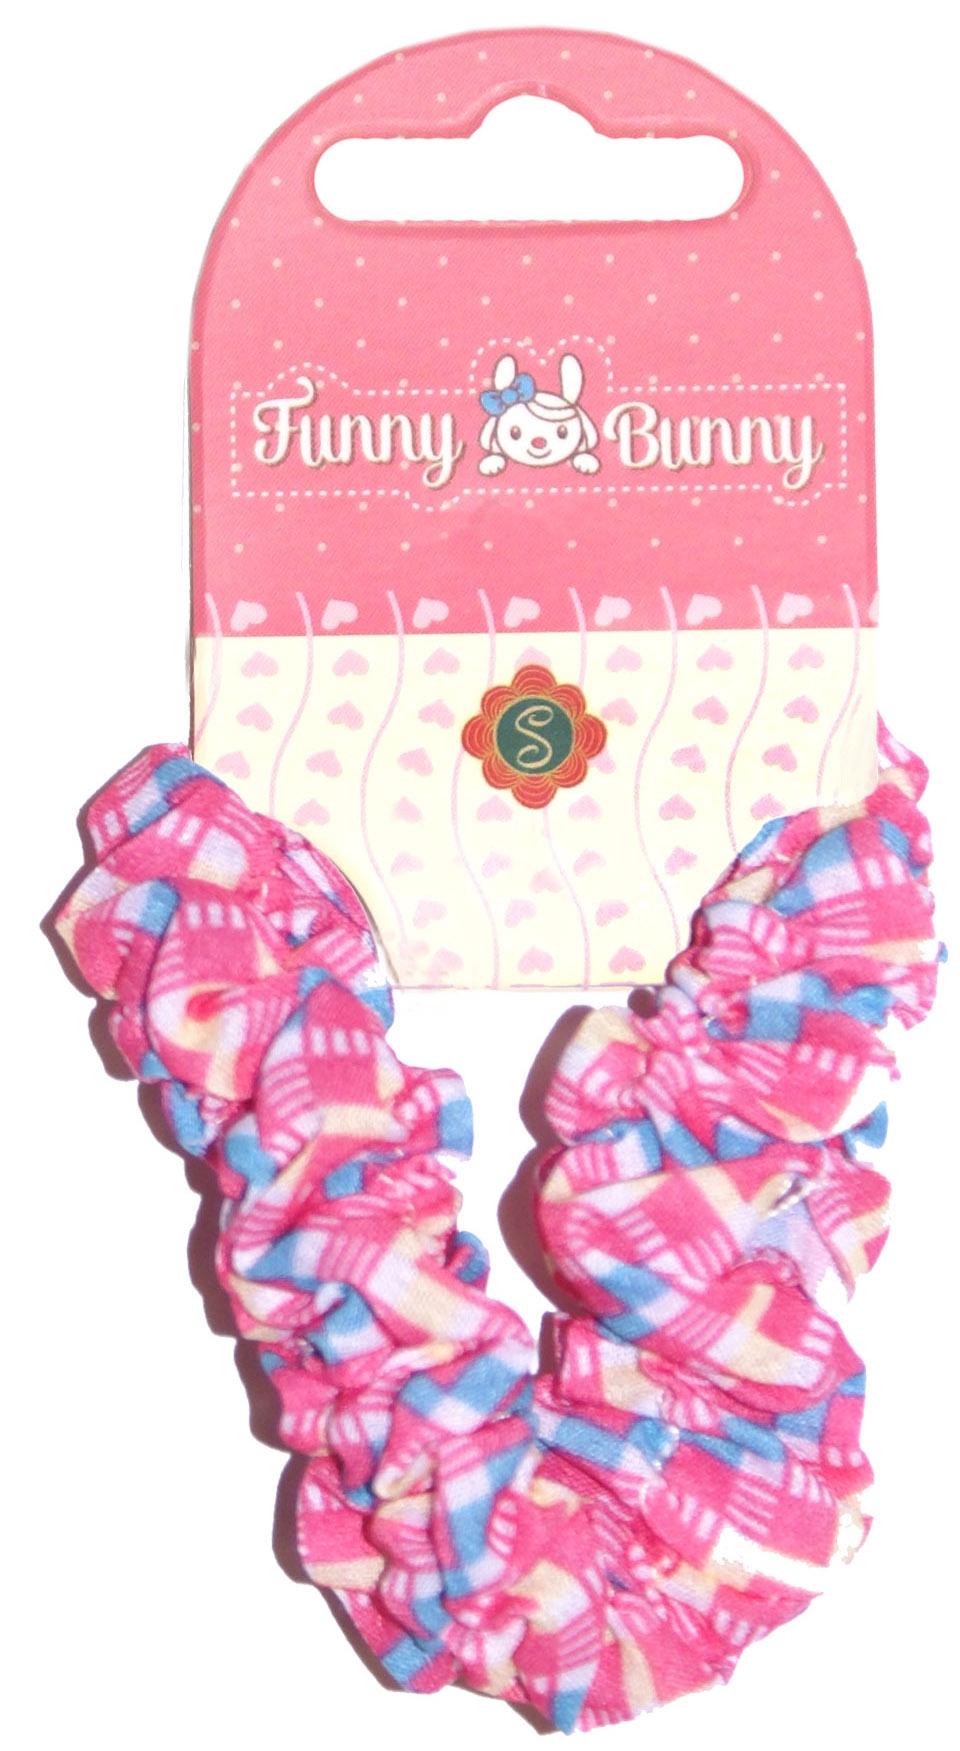 Украшения Funny Bunny Резинка для волоc Funny Bunny «Шу-Шу» 1 шт. в ассортименте невидимка для волос funny bunny розовые цветы 2 шт